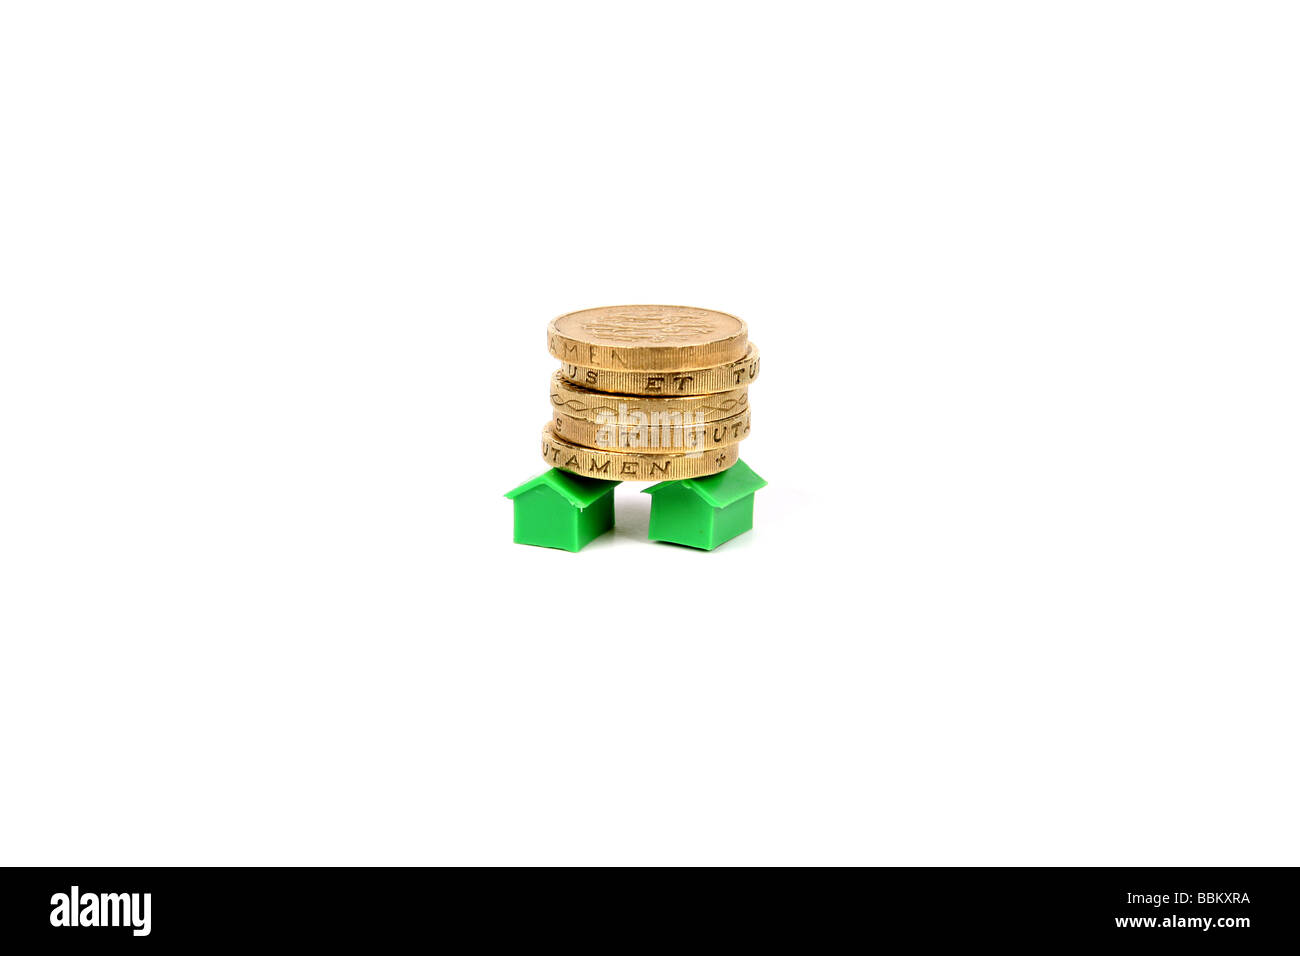 Mercato monetario valore home concept foto Immagini Stock